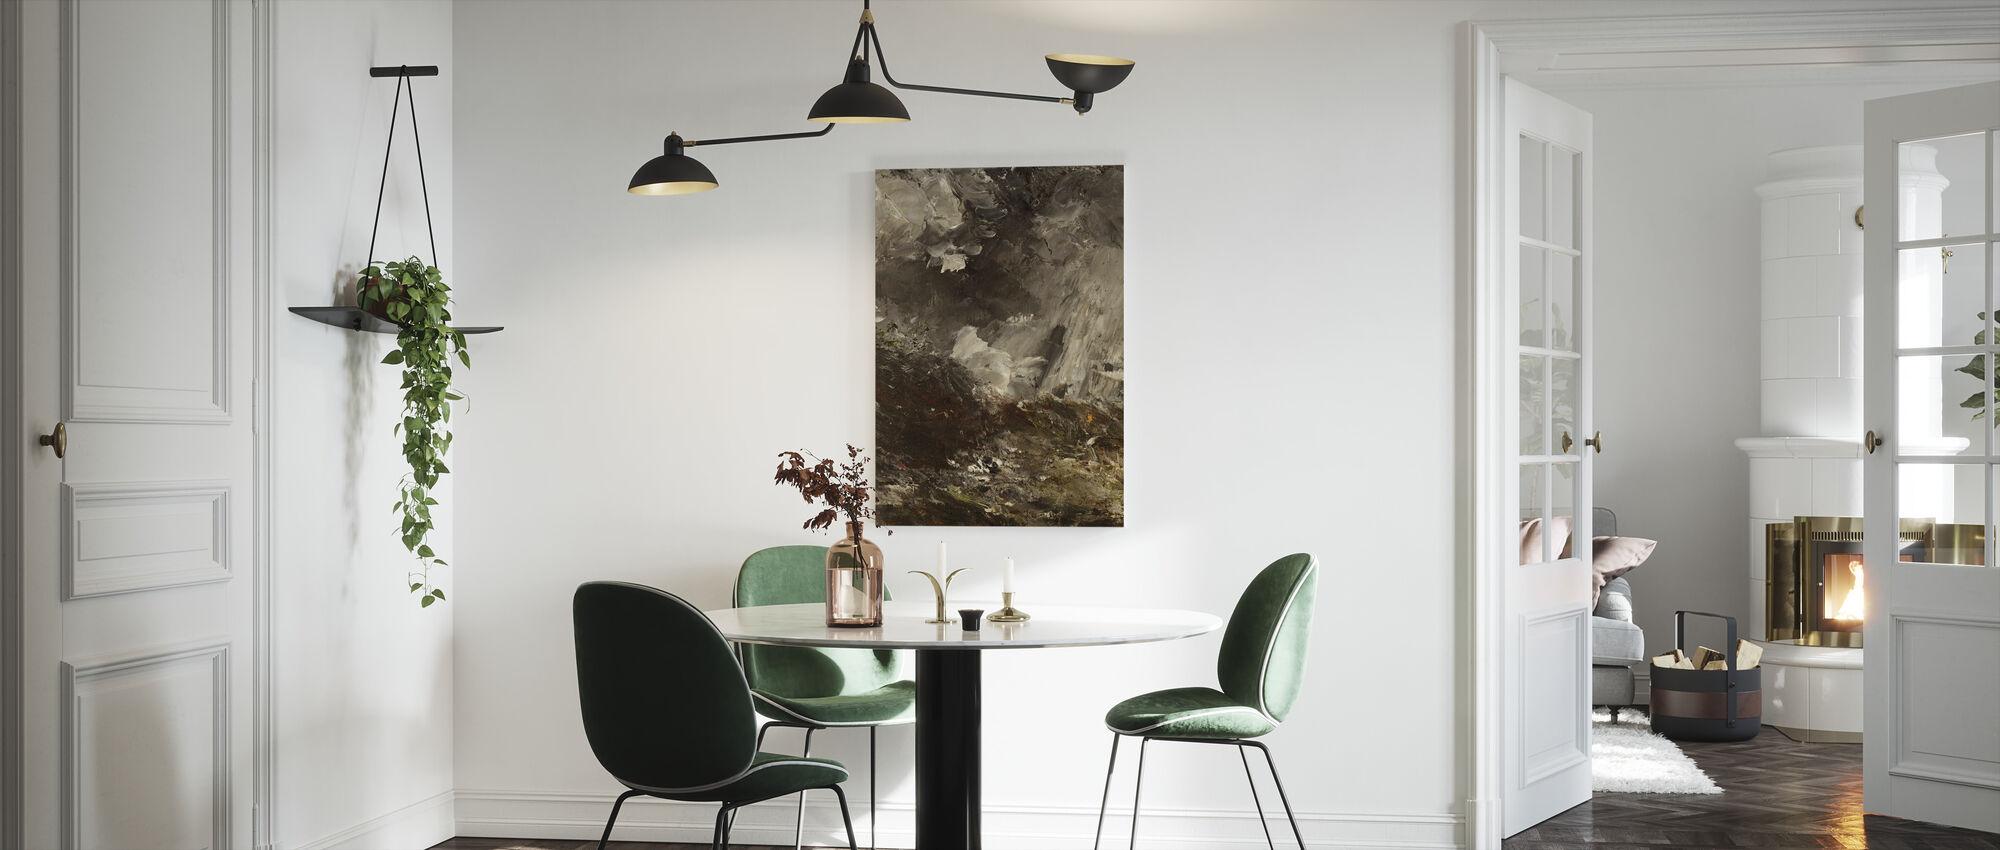 Natt av sjalusi, August Strindberg - Lerretsbilde - Kjøkken